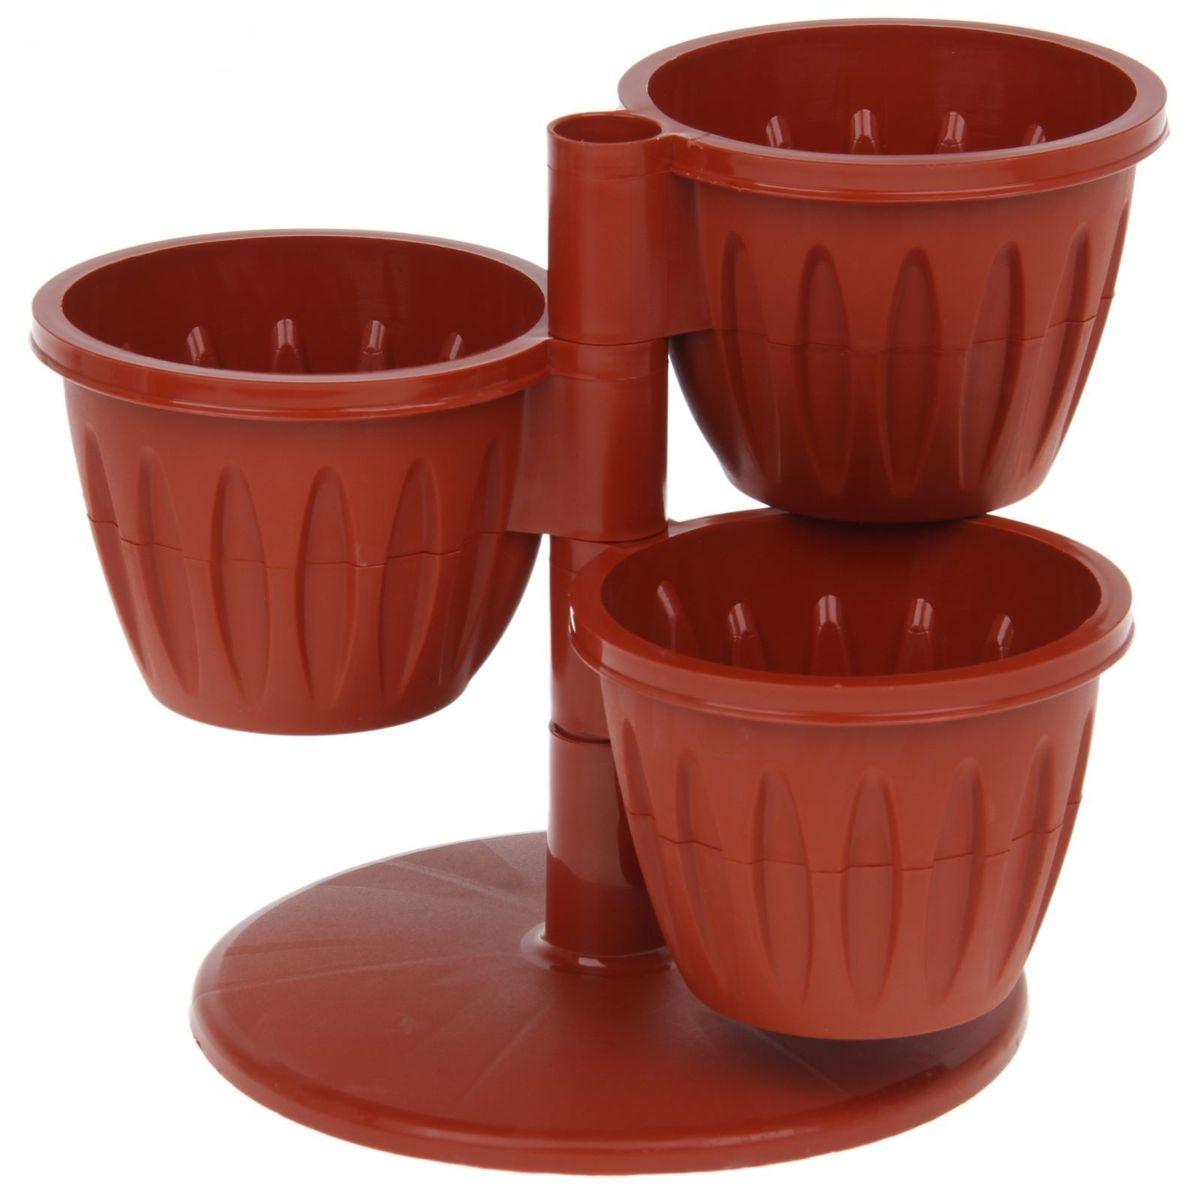 Каскад цветочный JetPlast Каскад, с подставкой, цвет: терракот, высота 23 см4612754050062Цветочный каскад JetPlast Каскад состоит из трех горшков, установленных на одну подставку. Каждый горшок состоит из двух частей: в верхнюю высаживается растение, а нижняя часть используется как резервуар для воды. Цветочный каскад позволяет вам эффективно использовать площадь подоконника для высадки растений.Высота каскада: 23 см. Диаметр горшка по верхнему краю: 13,5 см. Диаметр дна горшка: 7,8 см. Высота горшка: 10 см.